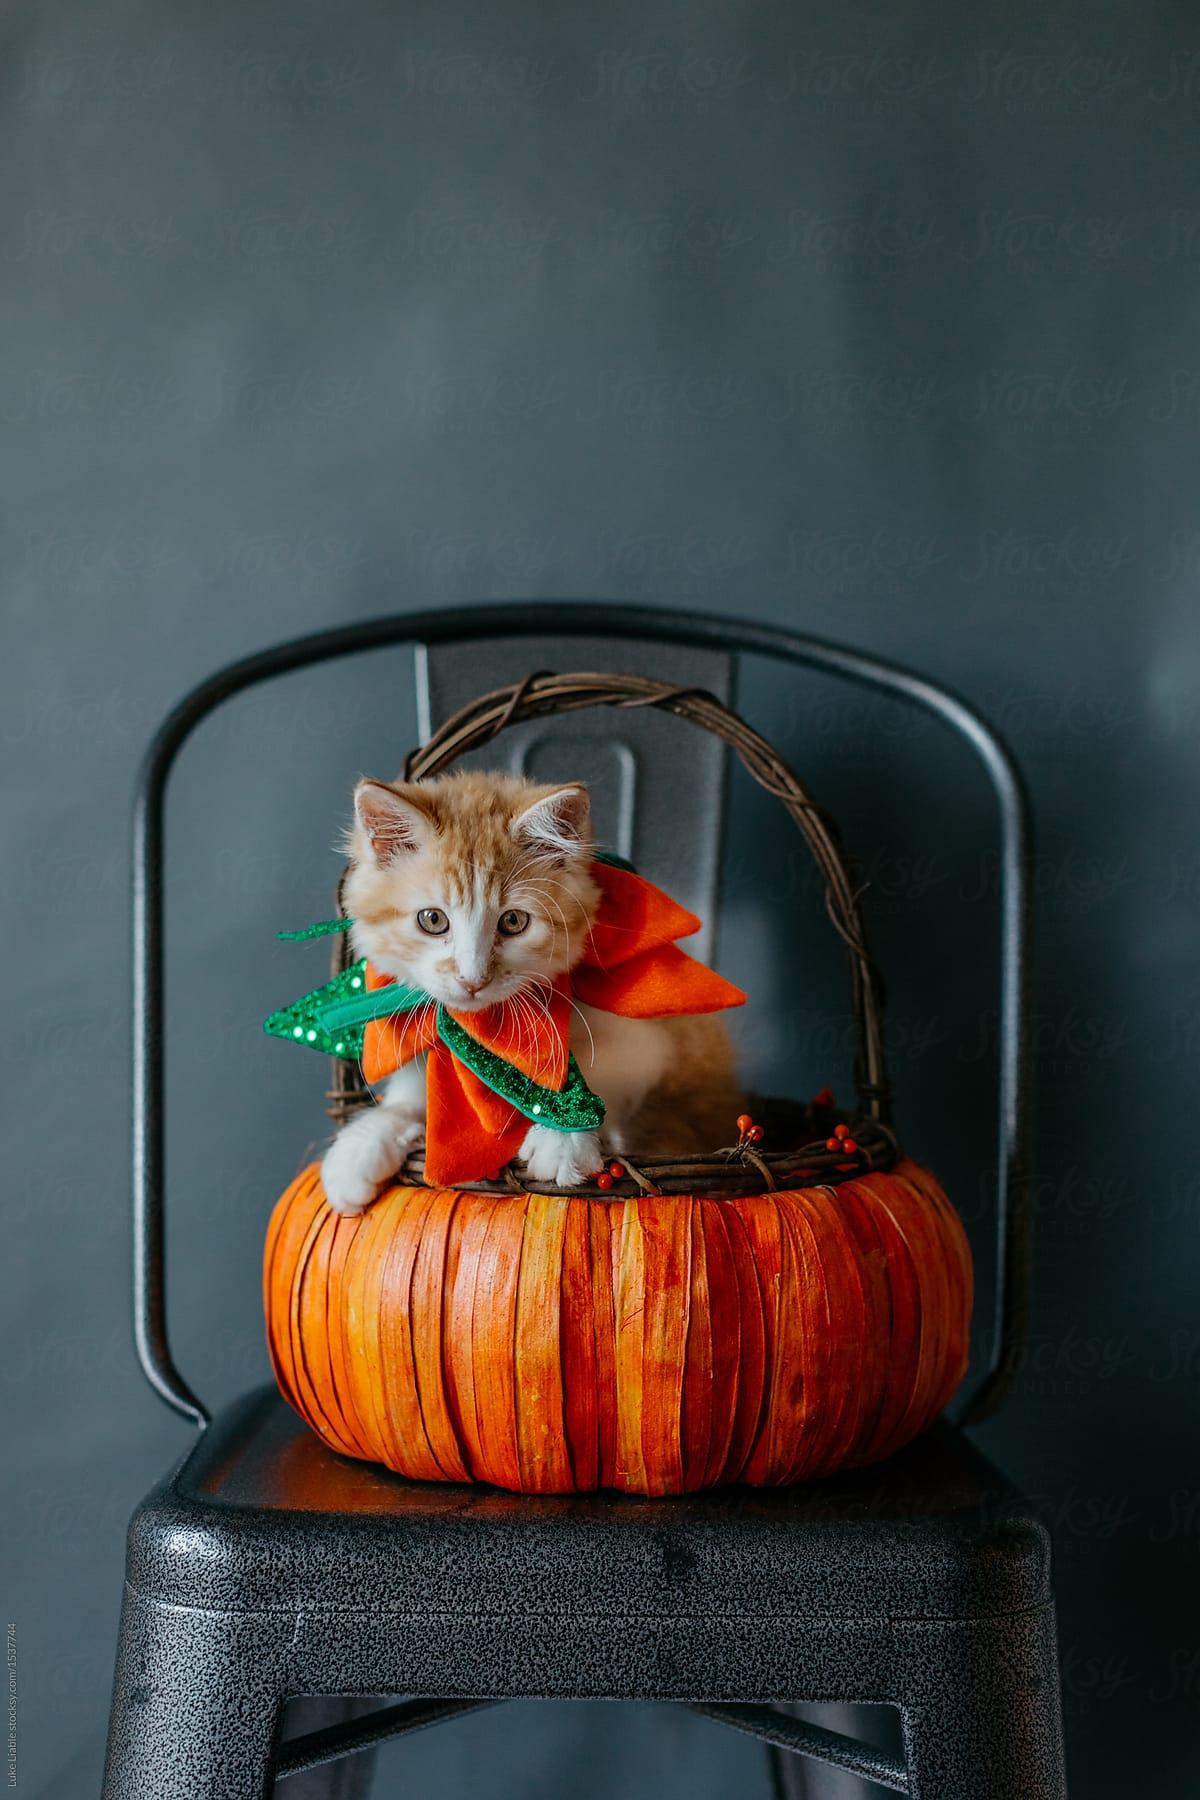 Thanksgiving Kitten In A Pumpkin By Luke Liable For Stocksy United